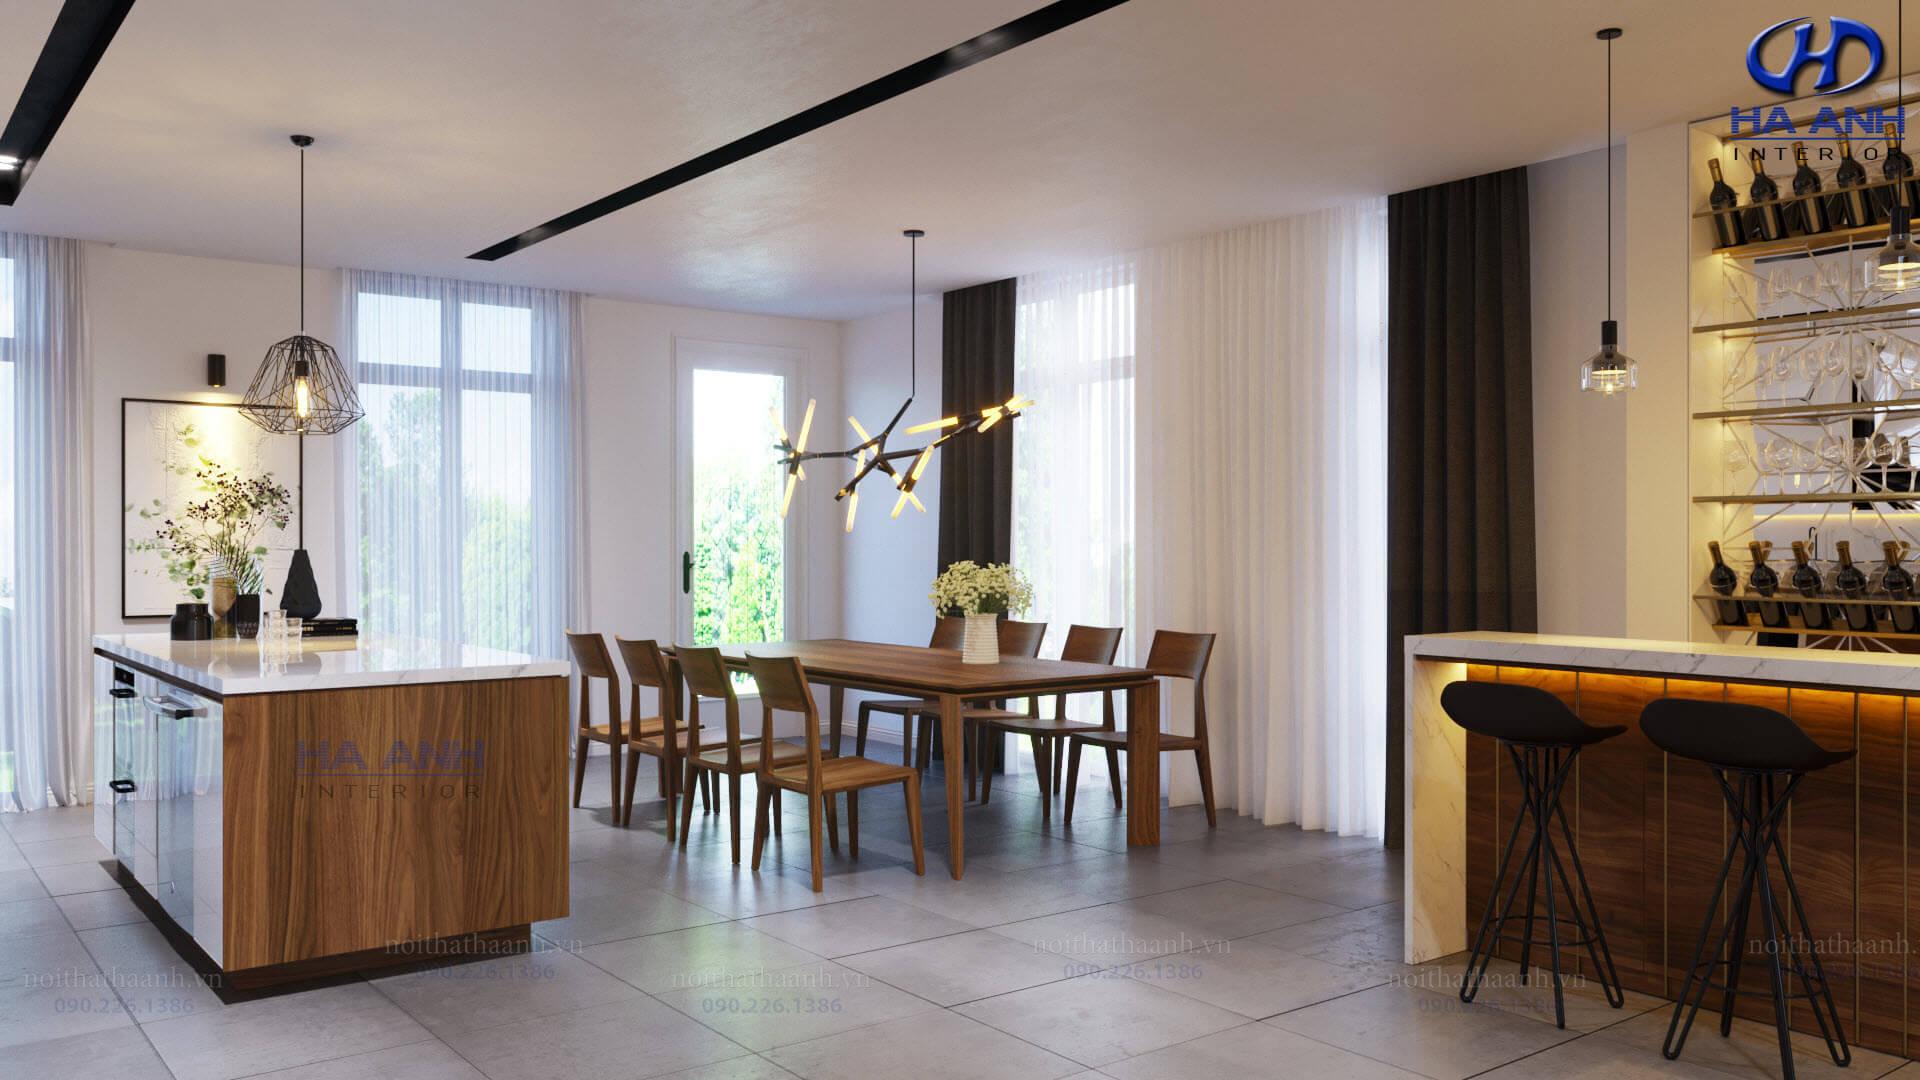 Lý do bạn nên thiết kế nội thất phòng bếp bằng gỗ óc chó?